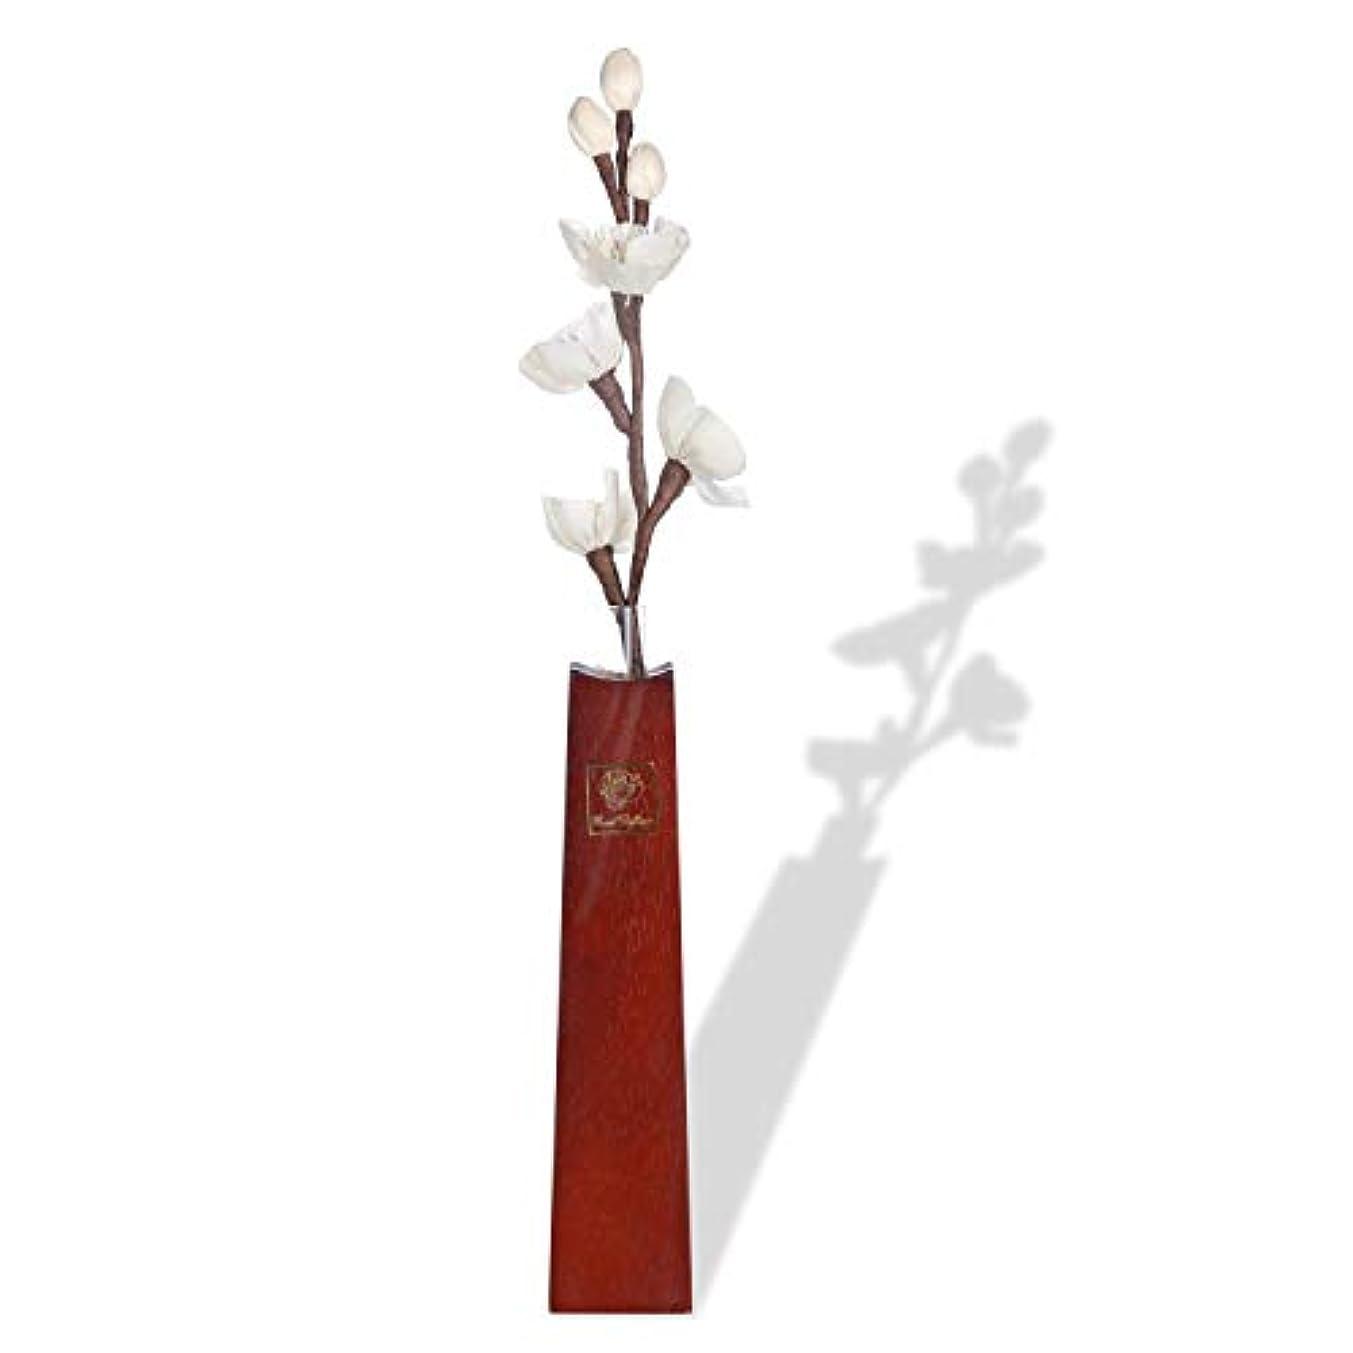 狂乱脇に容量ルームフレグランス リードディフューザー 和風純木フラワーベース アロマ花瓶 と 一輪挿し紙製造花 (香料を含まない)